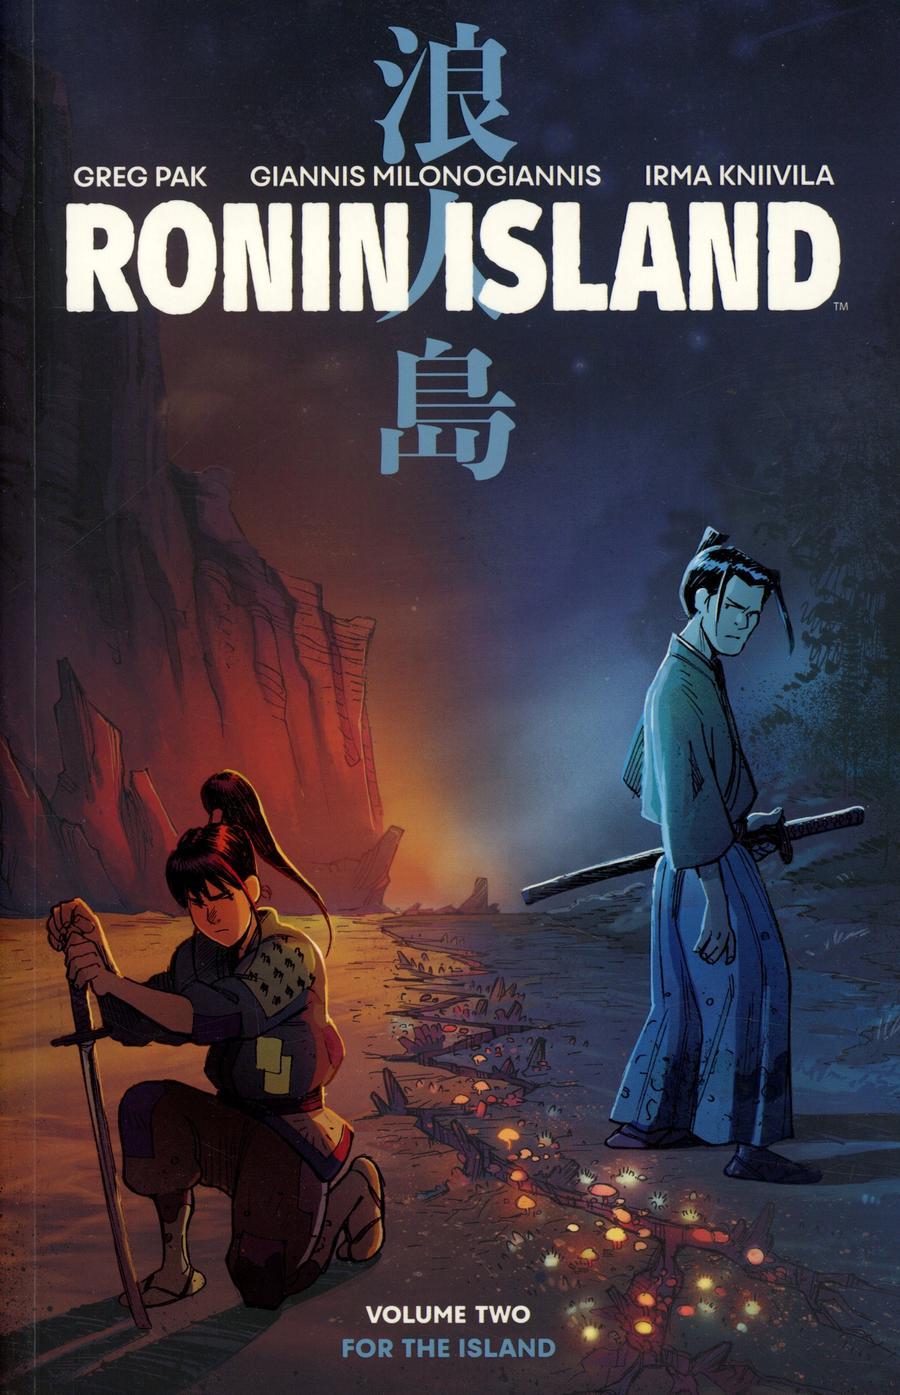 Ronin Island Vol 2 TP